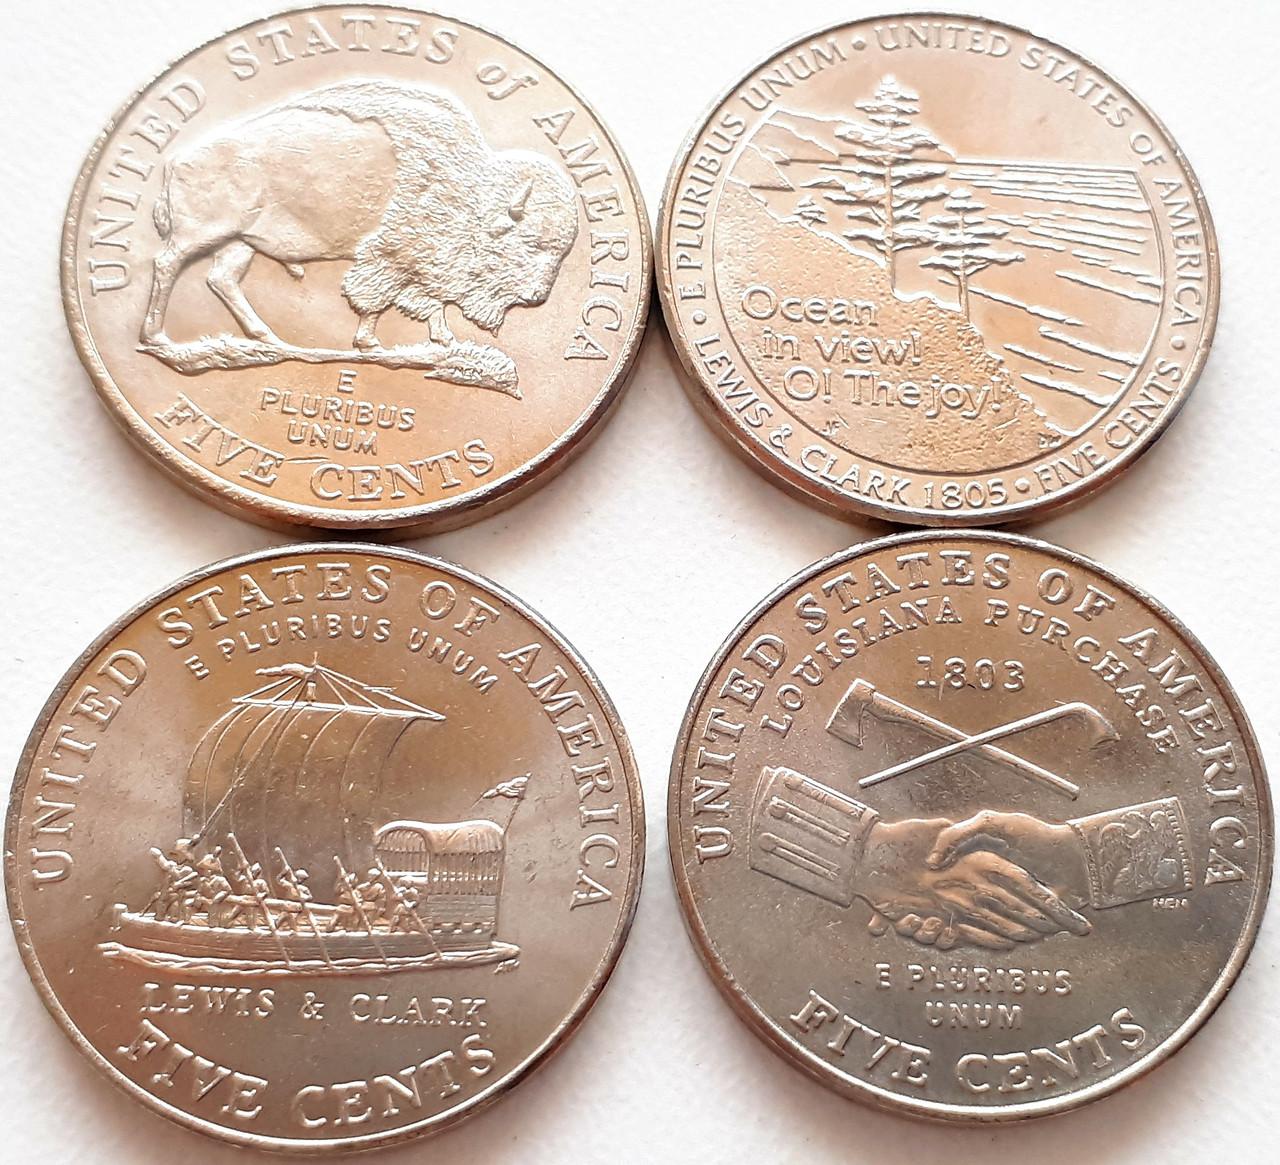 США набор из 4-х монет. В честь 200 лет экспедиции Льюиса и Кларка